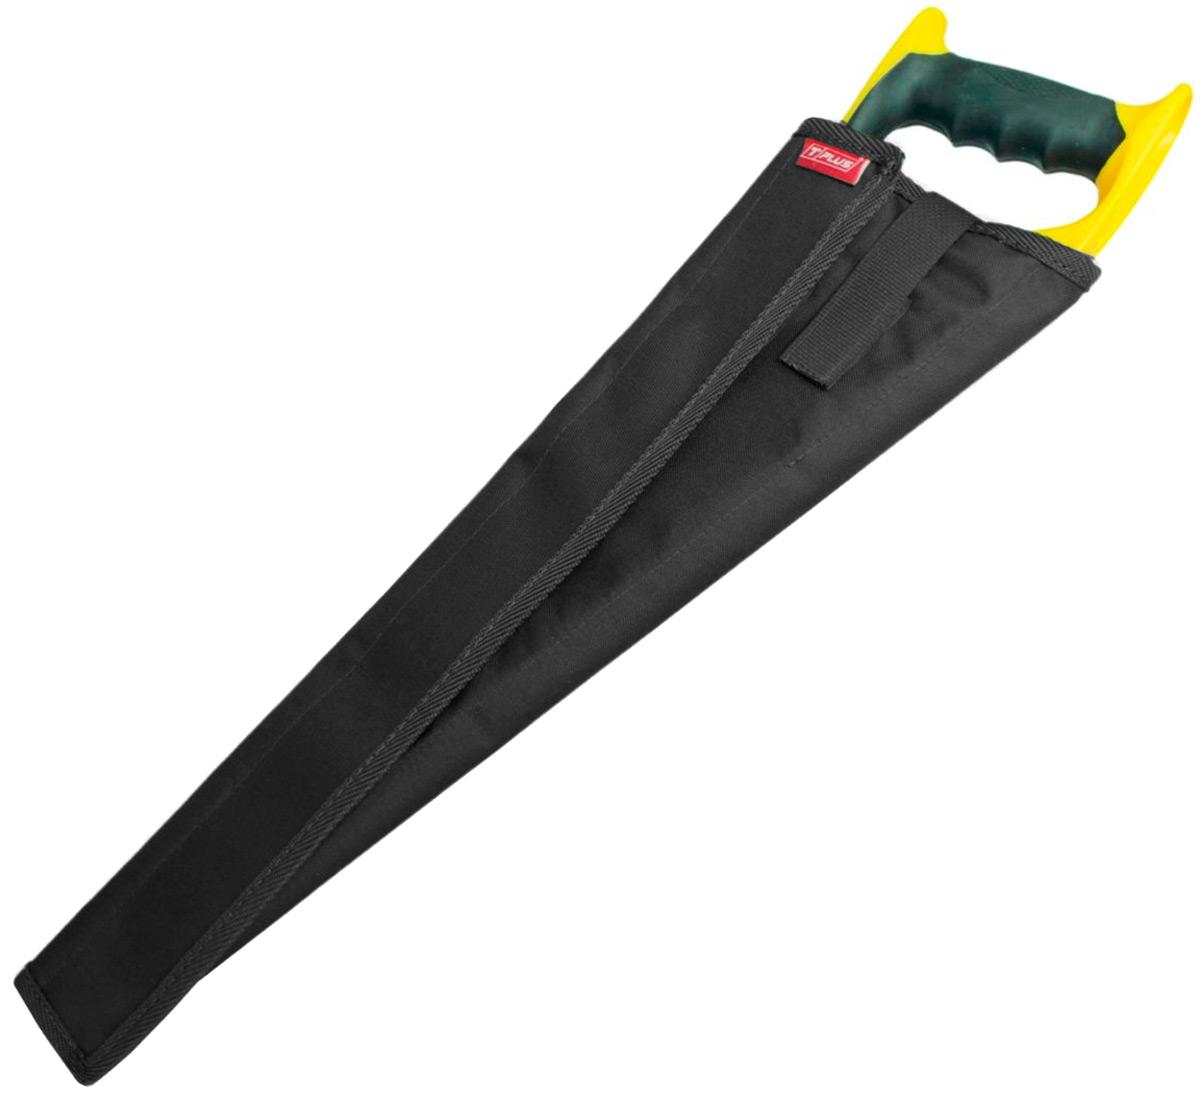 Чехол для ножовки Tplus, оксфорд 600, цвет: черный, 55 см